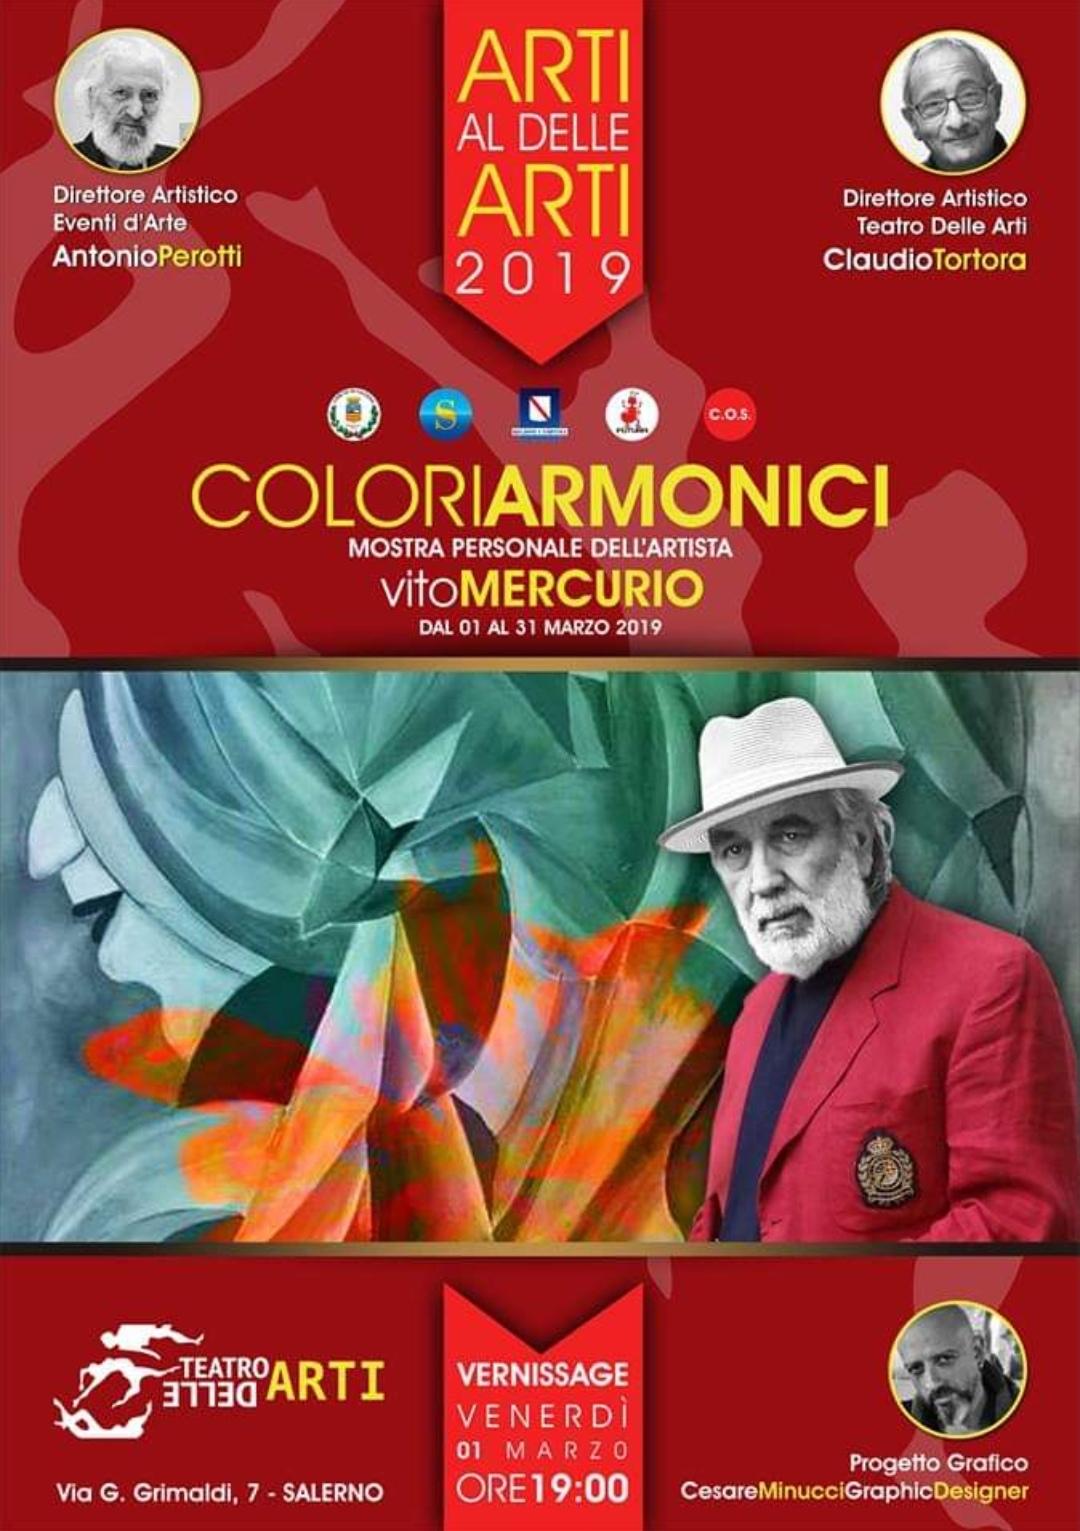 Colori armonici-personale Vito Mercurio